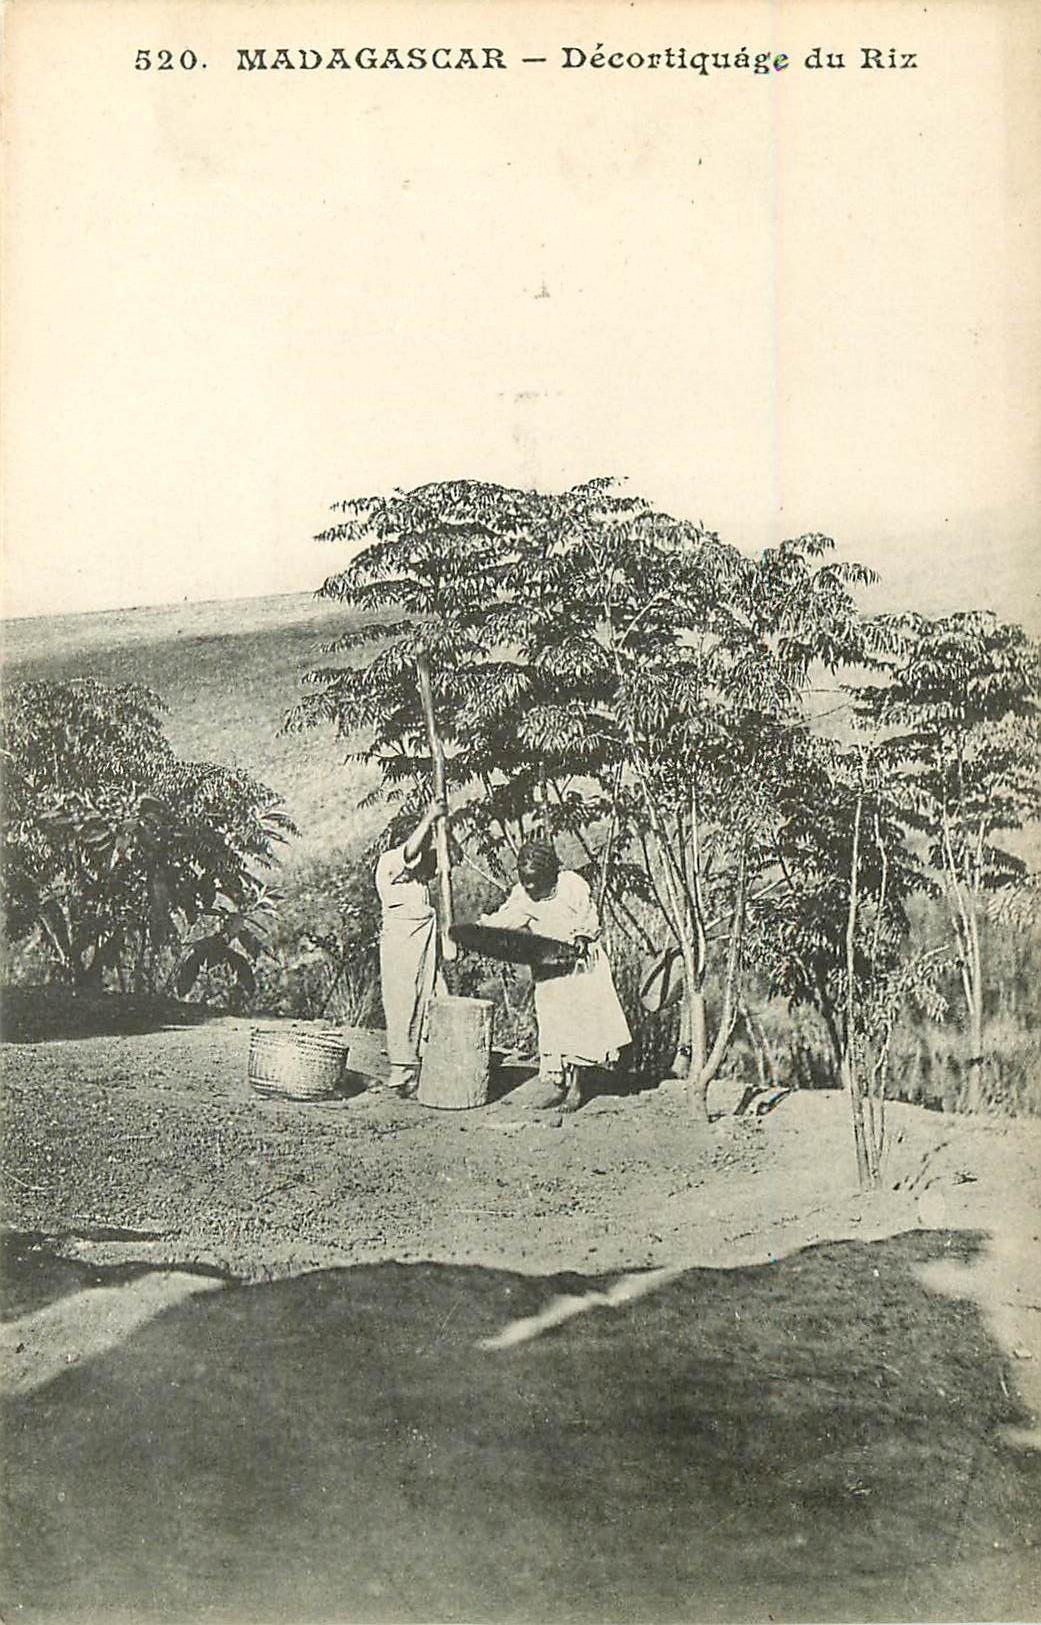 MADAGASCAR. Décorticage du Riz vers 1900